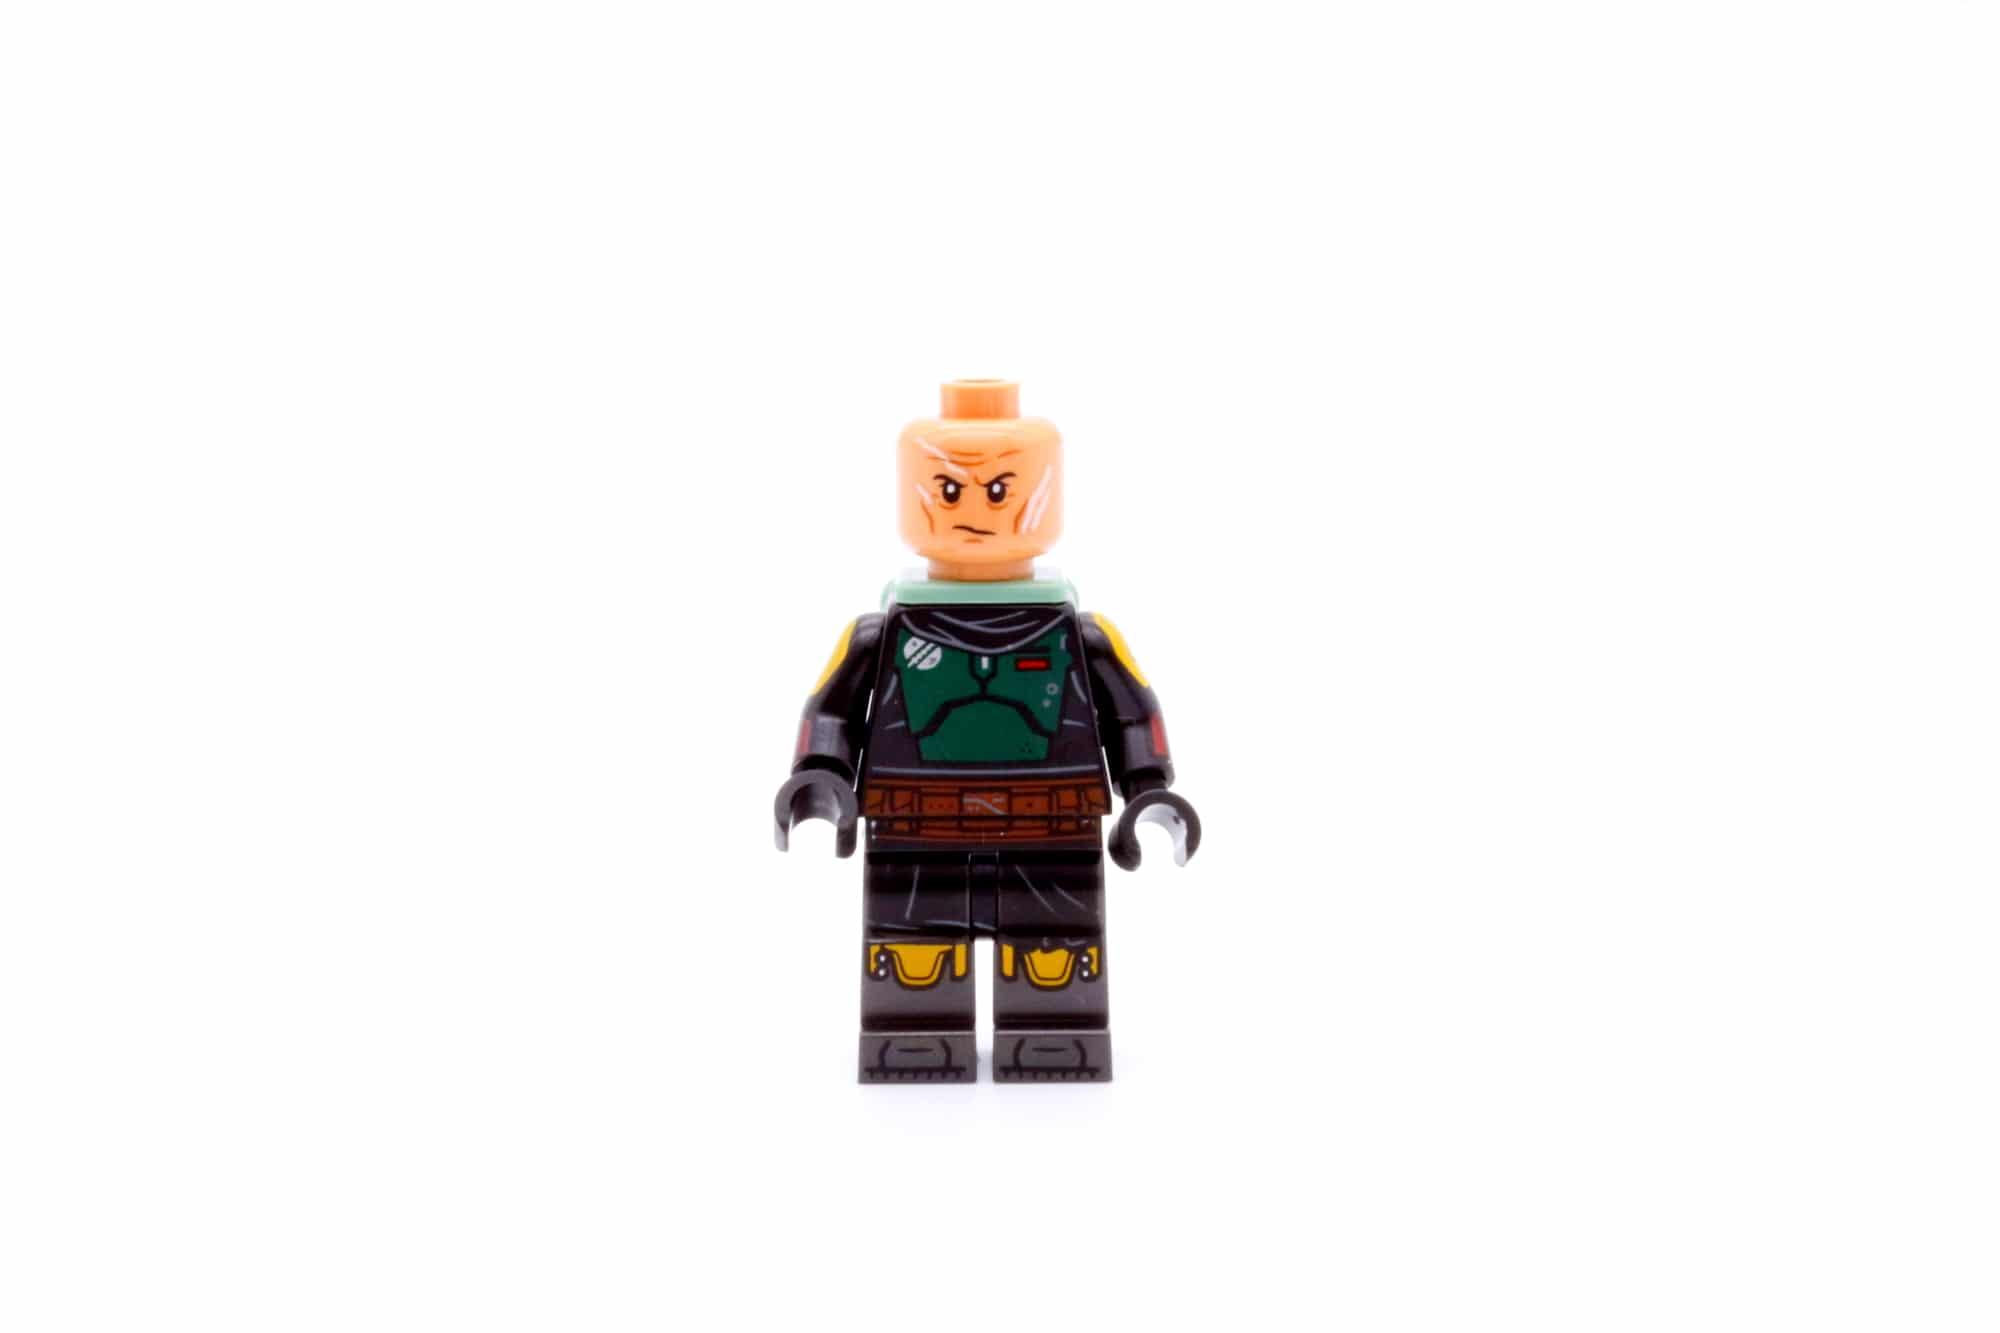 LEGO Star Wars 75312 Boba Fetts Starship 37